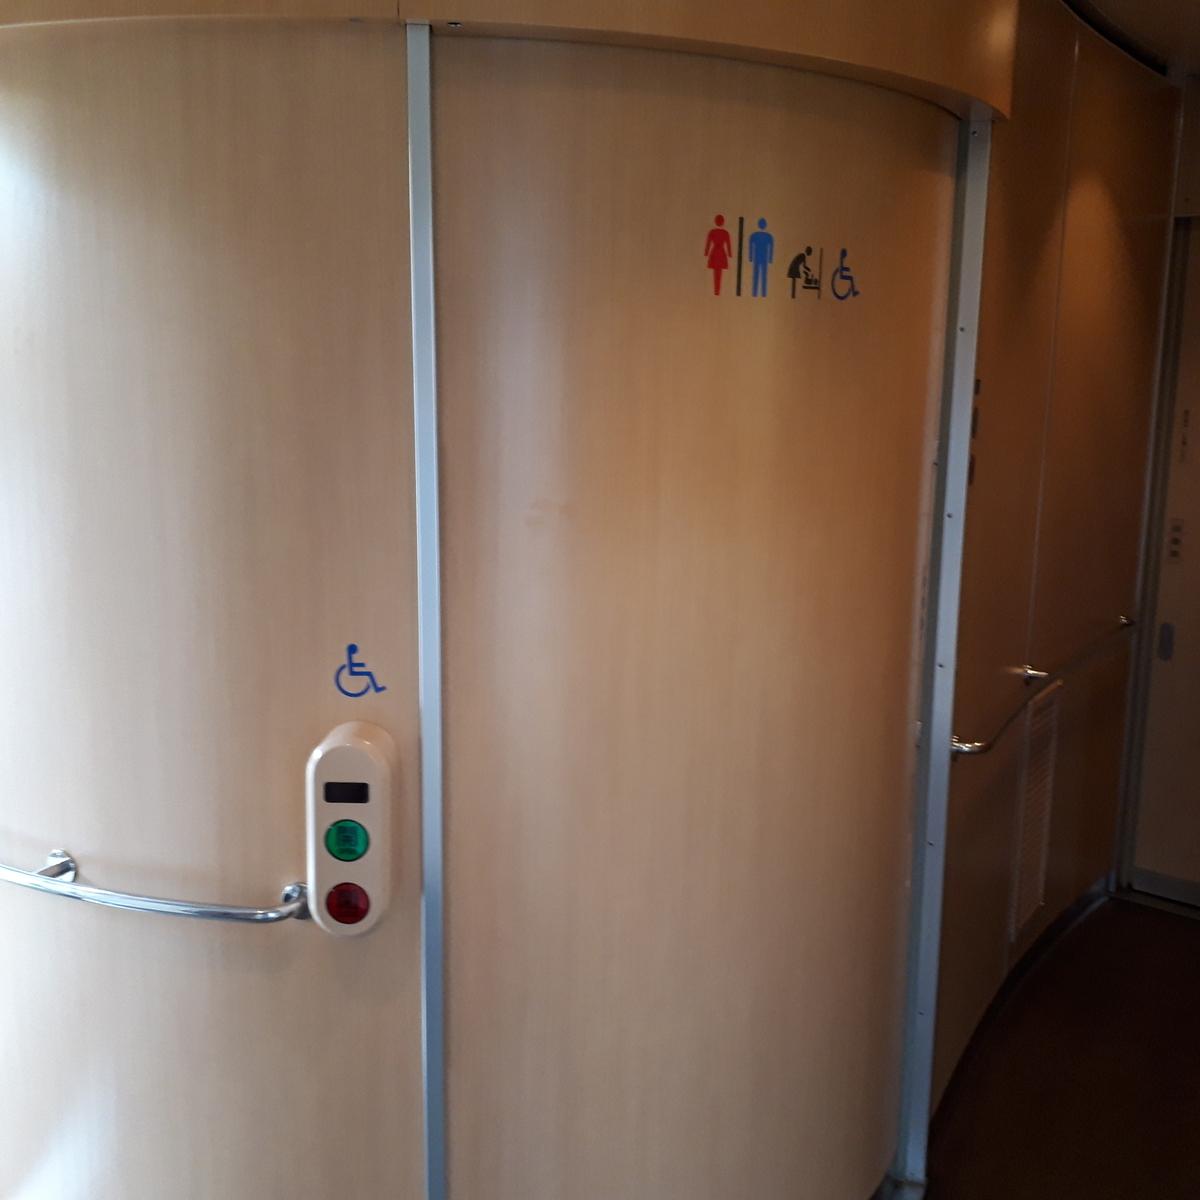 近鉄 23000系 伊勢志摩ライナー 多目的お手洗い